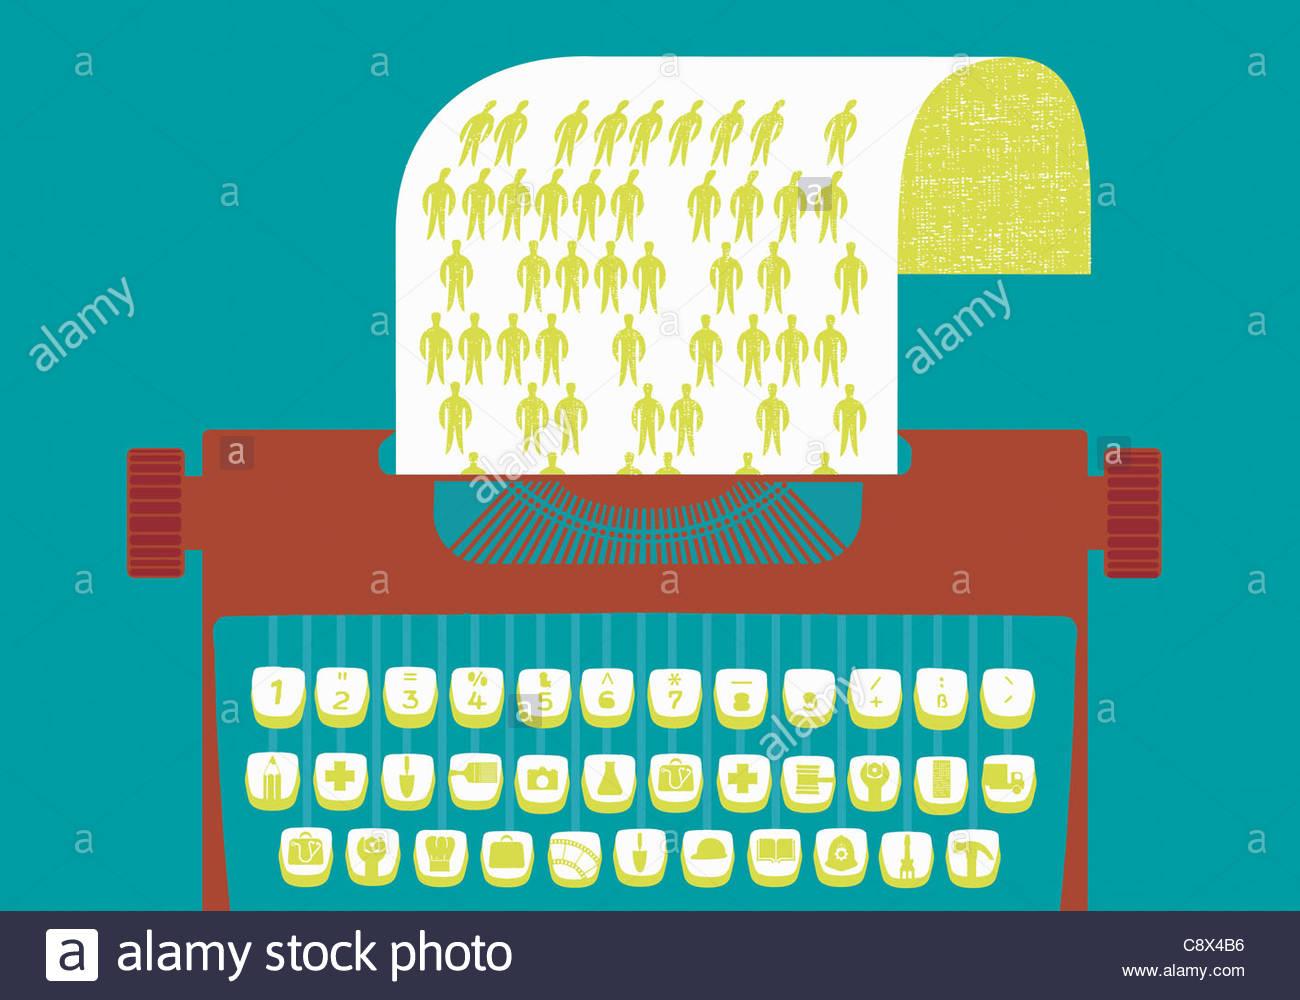 Máquina de escribir con teclas de gráficos que representan las ocupaciones Imagen De Stock